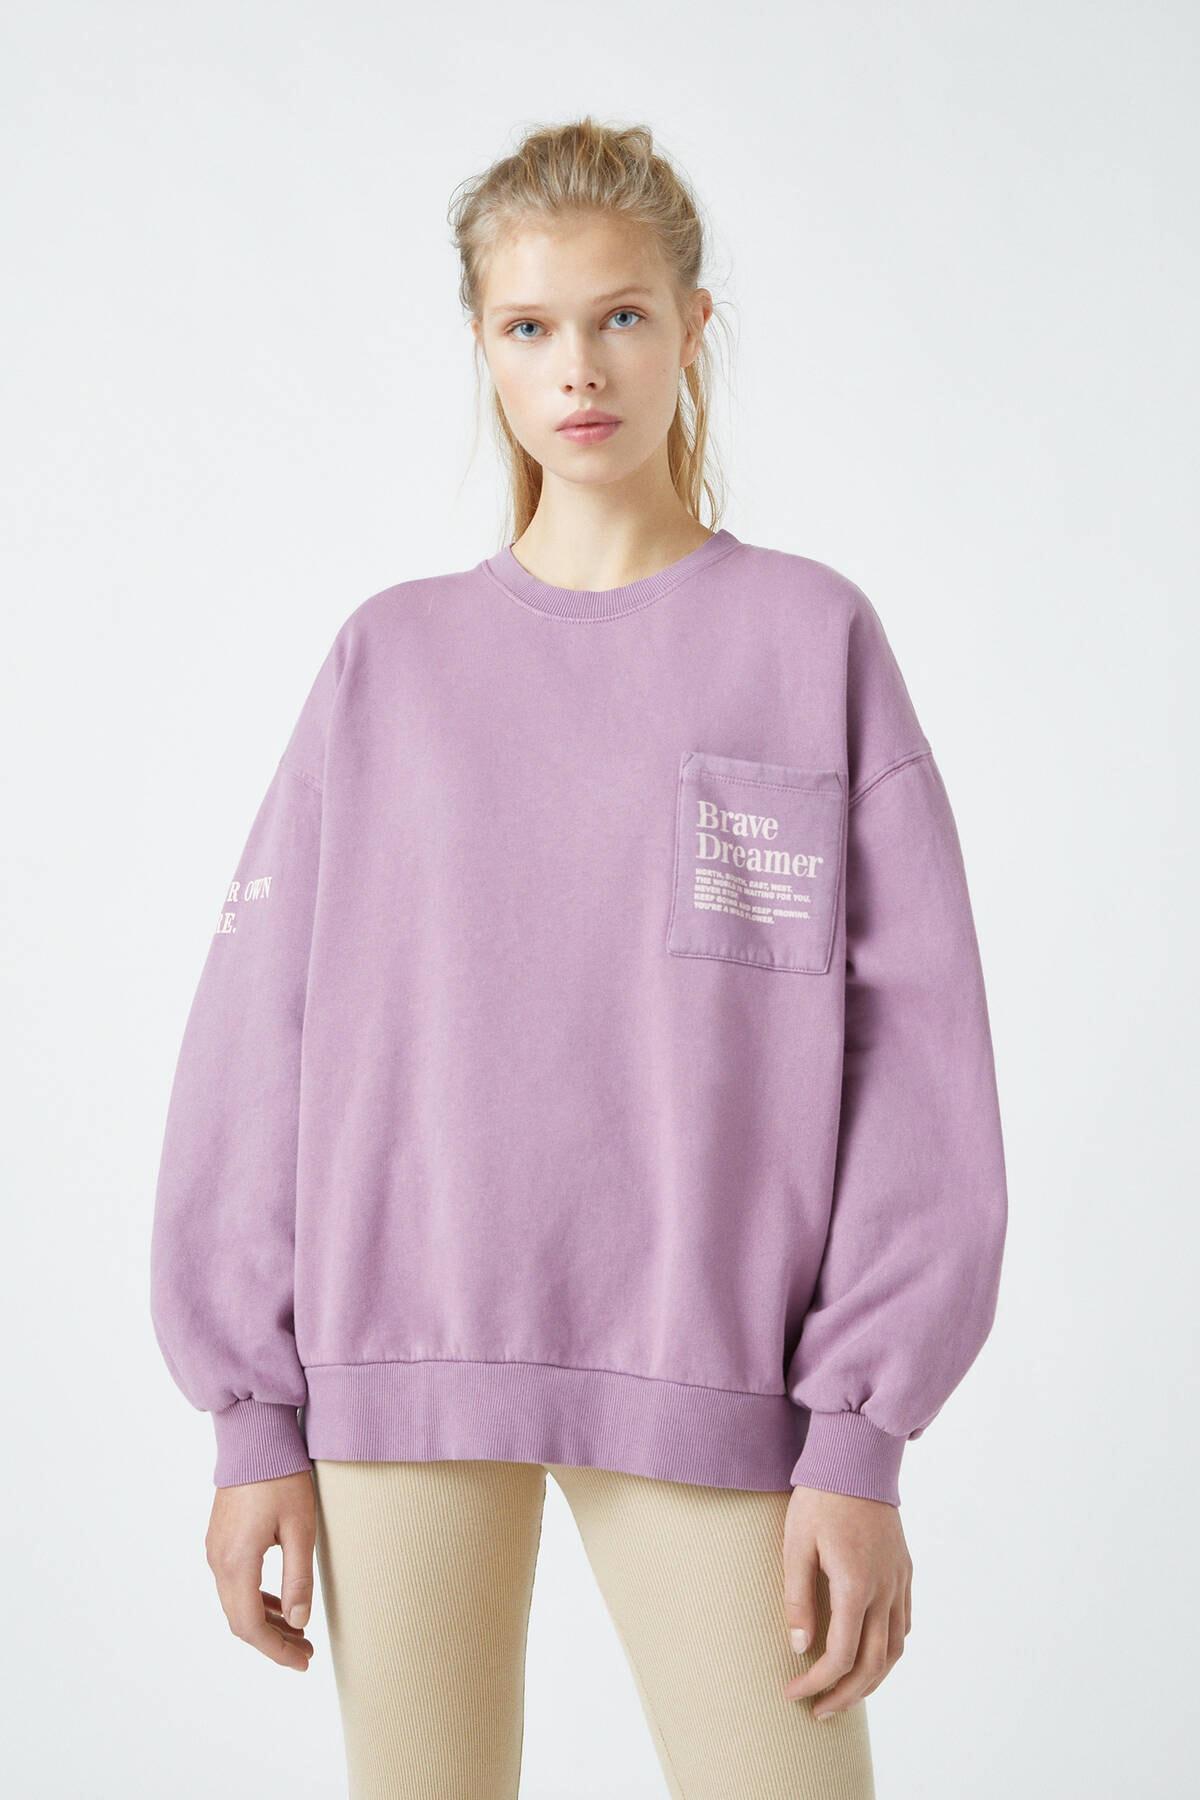 Pull & Bear Kadın Koyu Leylak Grafik Baskılı Ve Cepli Koyu Leylak Rengi Sweatshirt 09594363